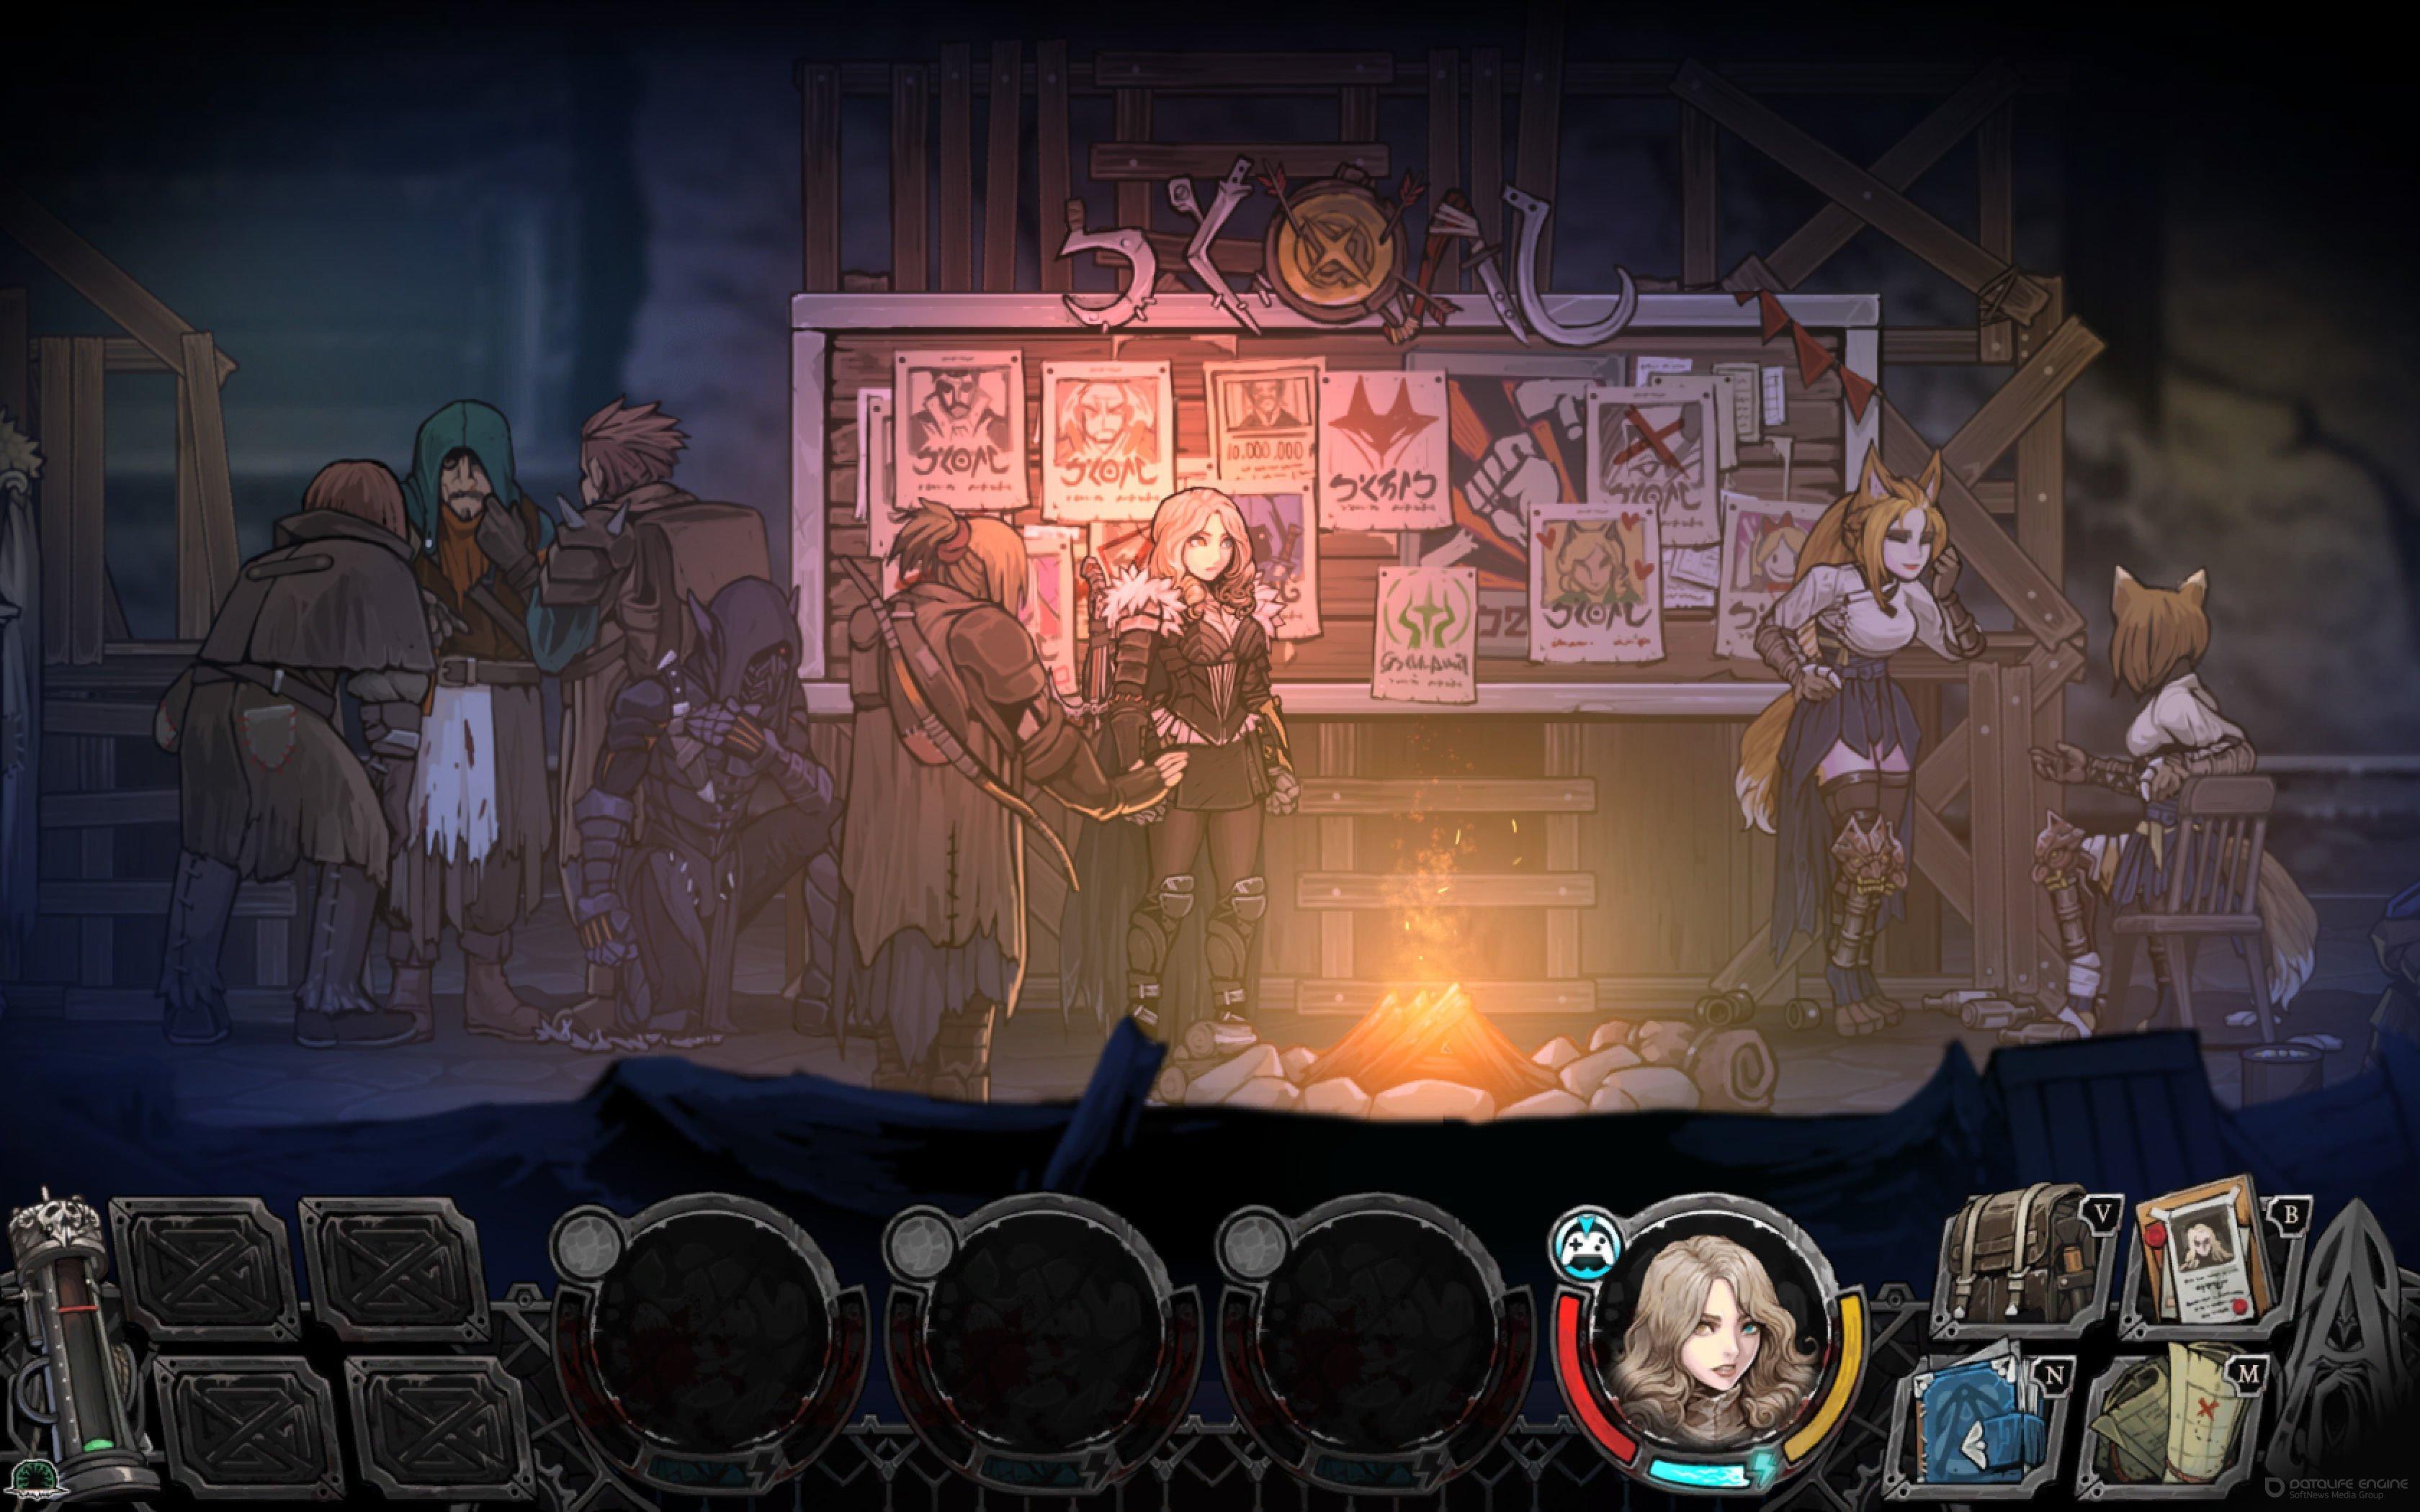 Скриншот к игре Vambrace: Cold Soul v.1.11 [GOG] (2019) скачать торрент Лицензия